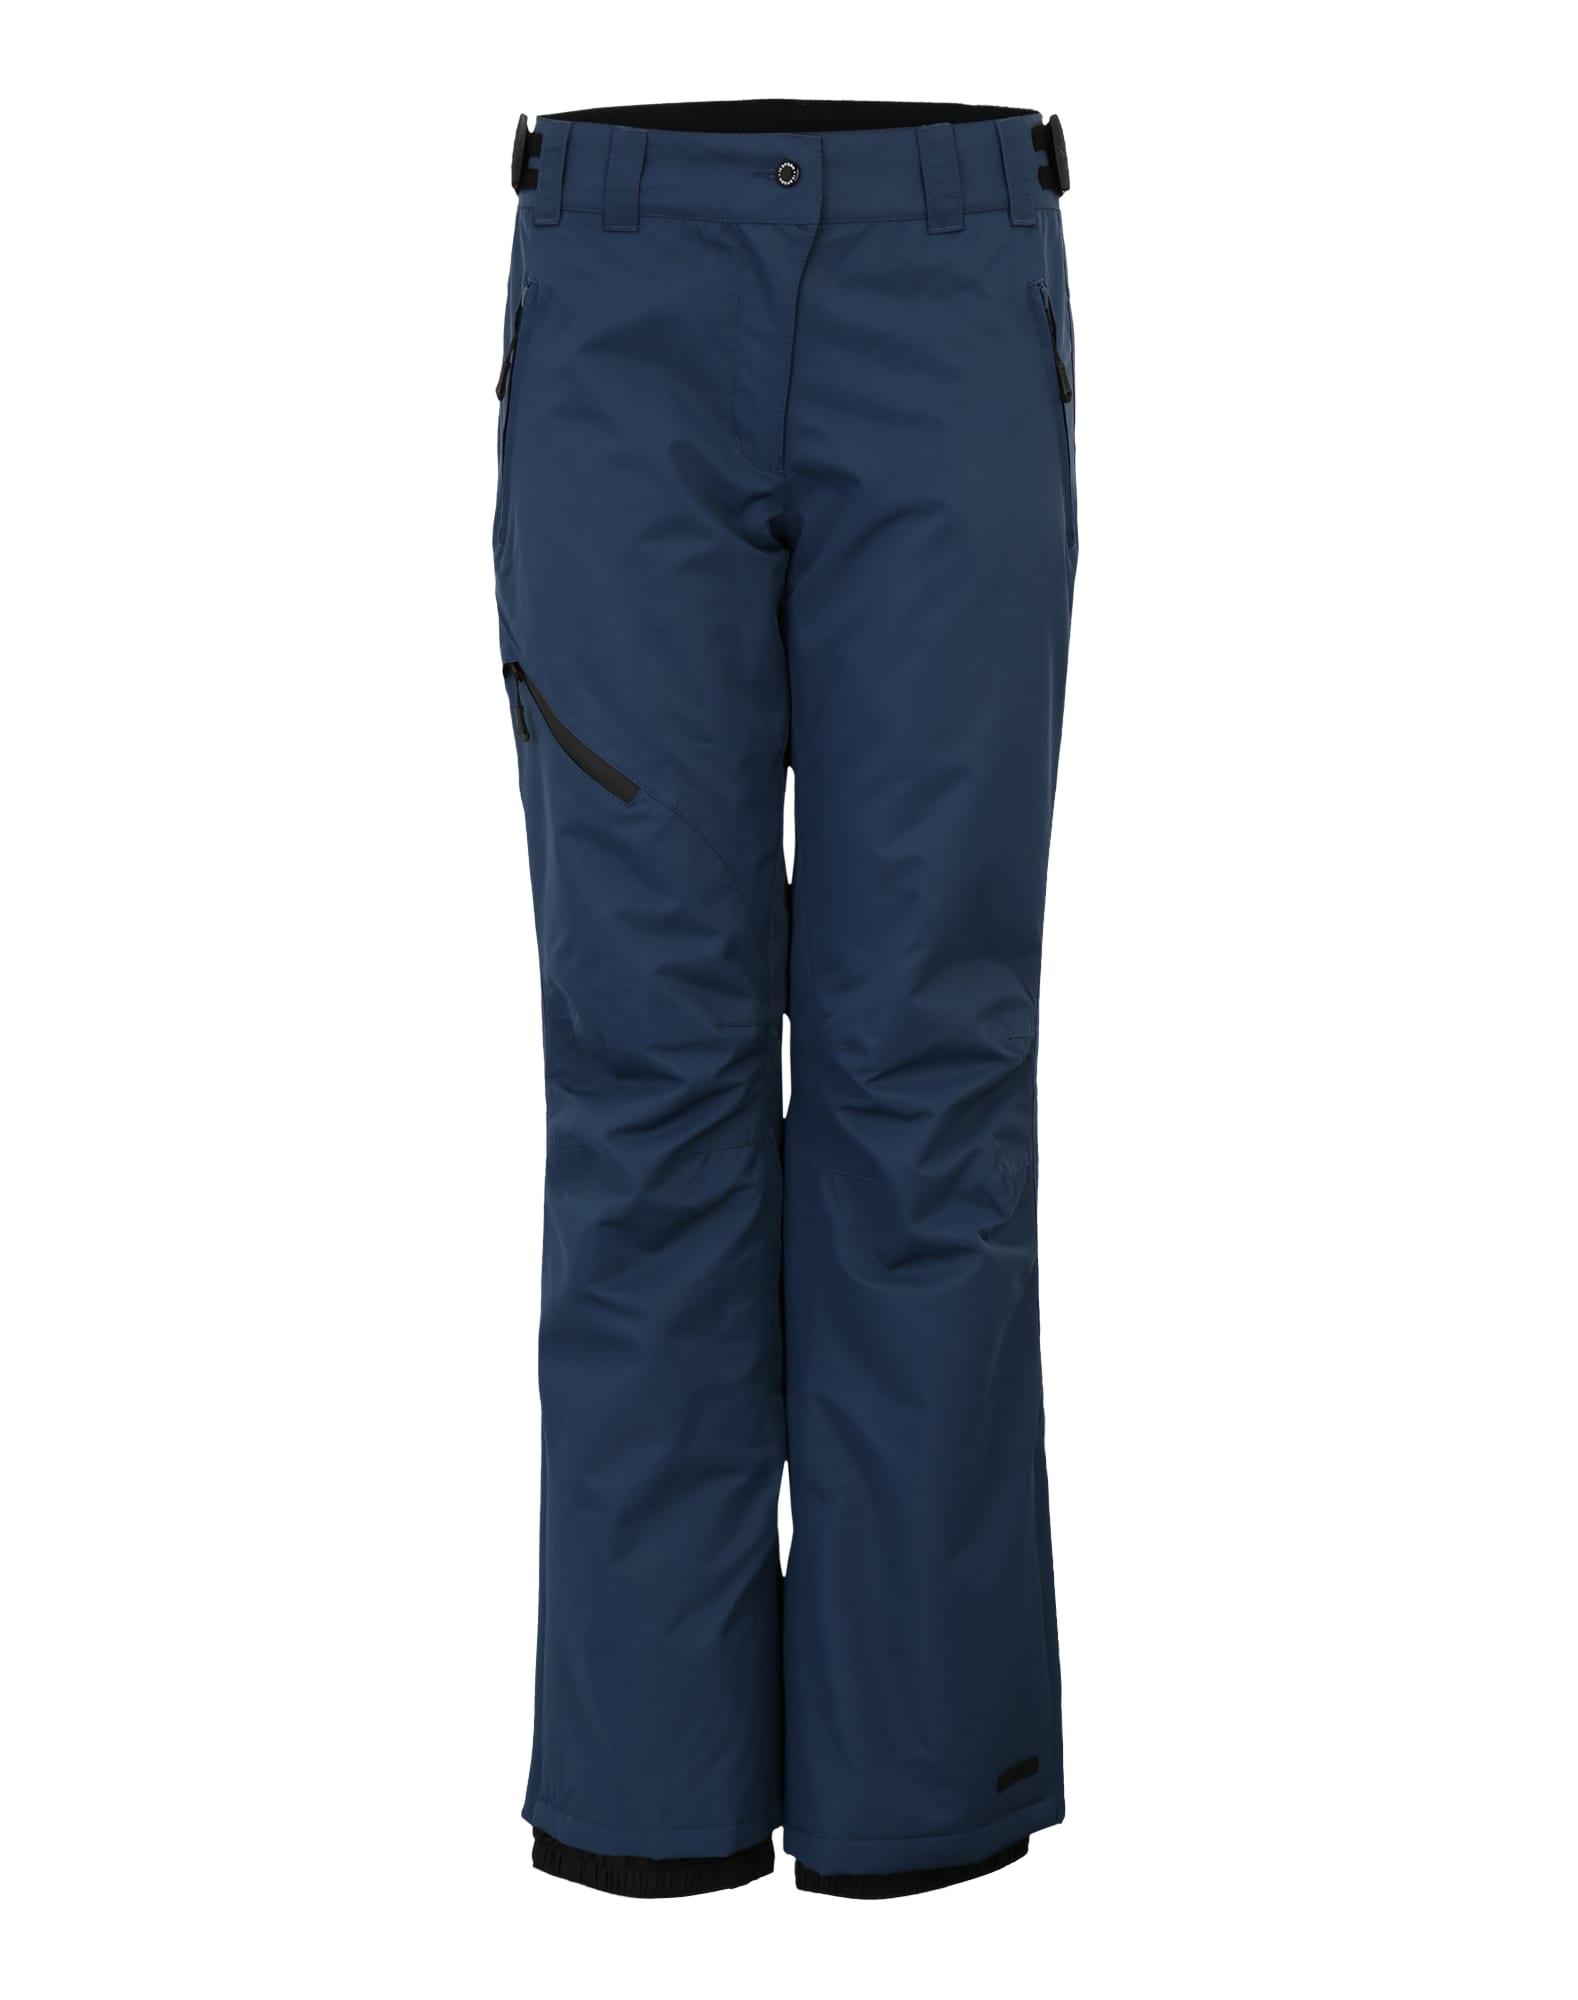 Sportovní kalhoty Josie tmavě modrá ICEPEAK